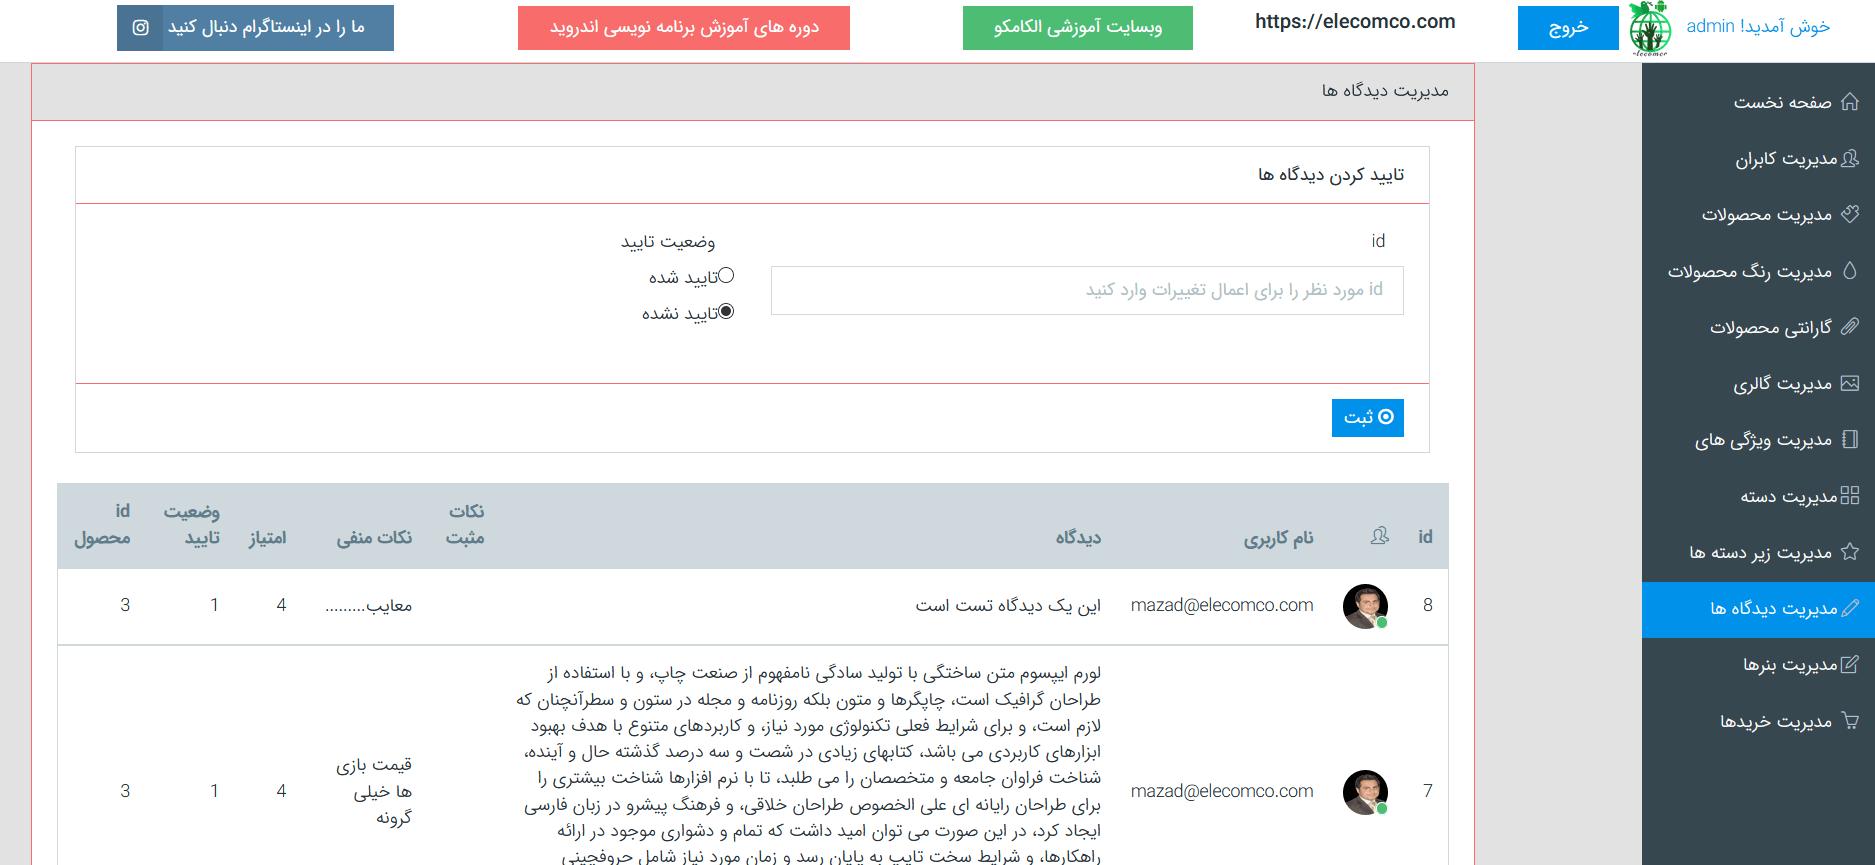 سورس اپلیکیشن فروشگاهی - سایت آموزش برنامه نویسی موبایل الکامکو